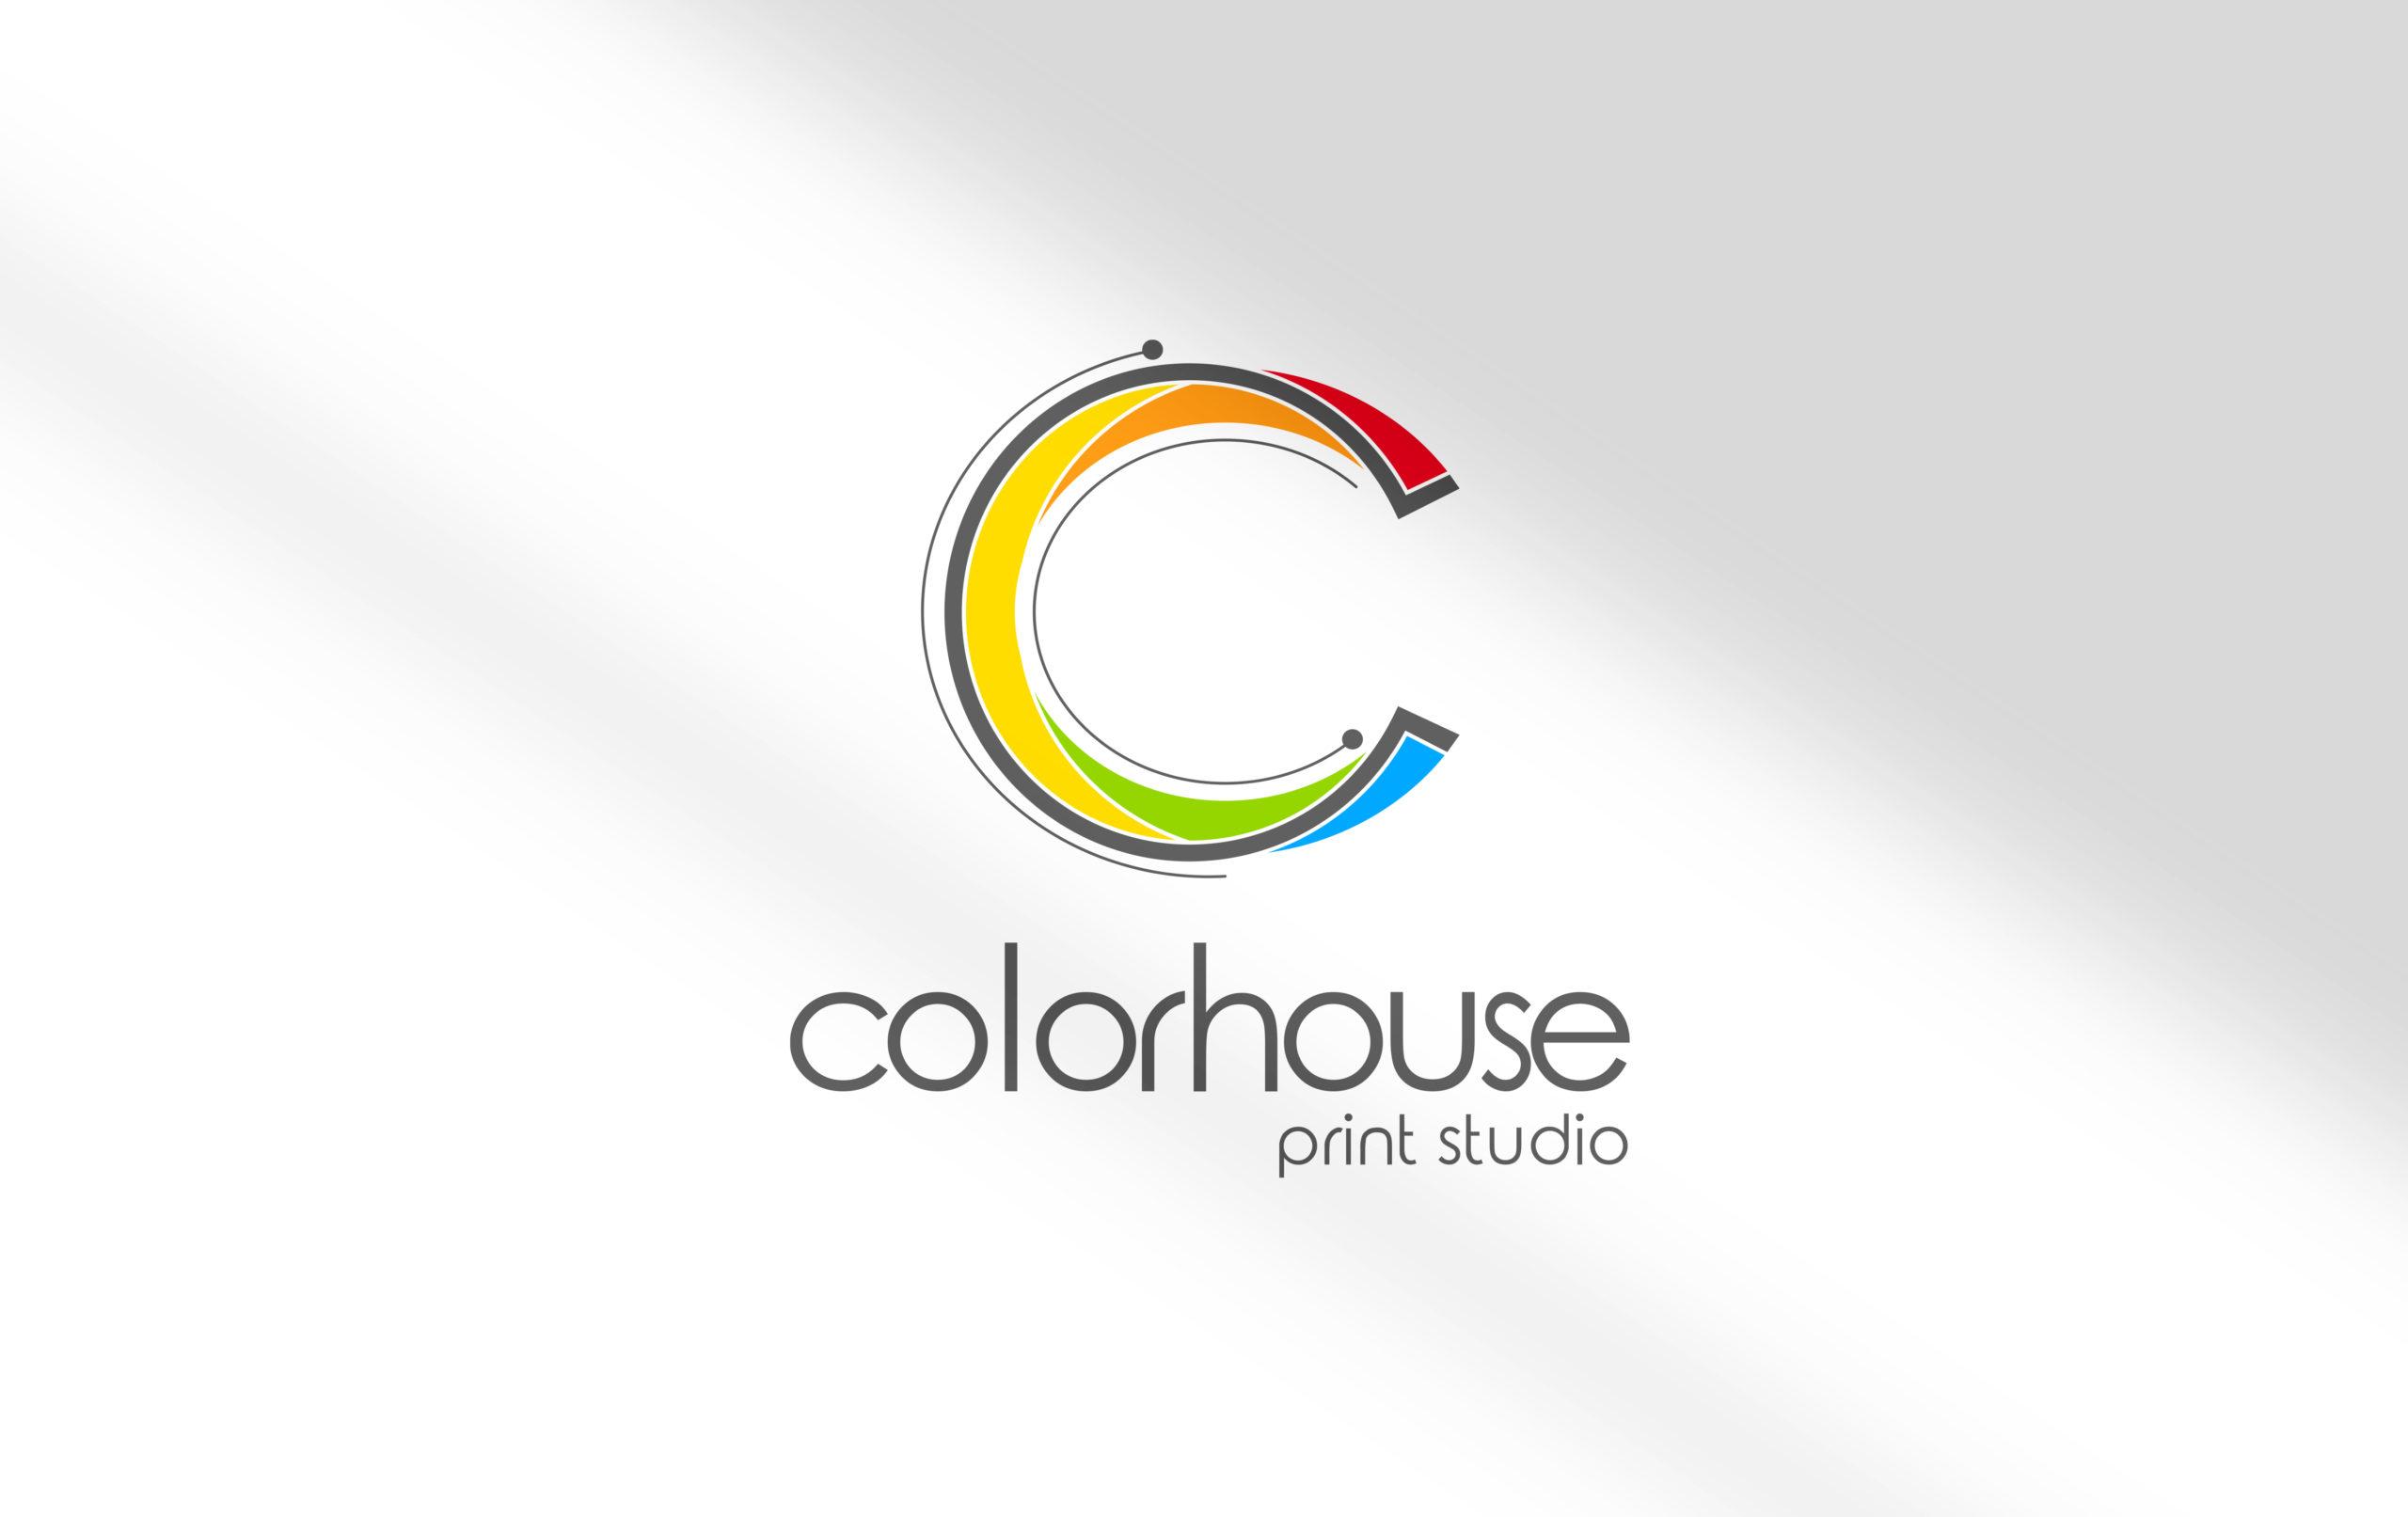 port_colorhouse_1